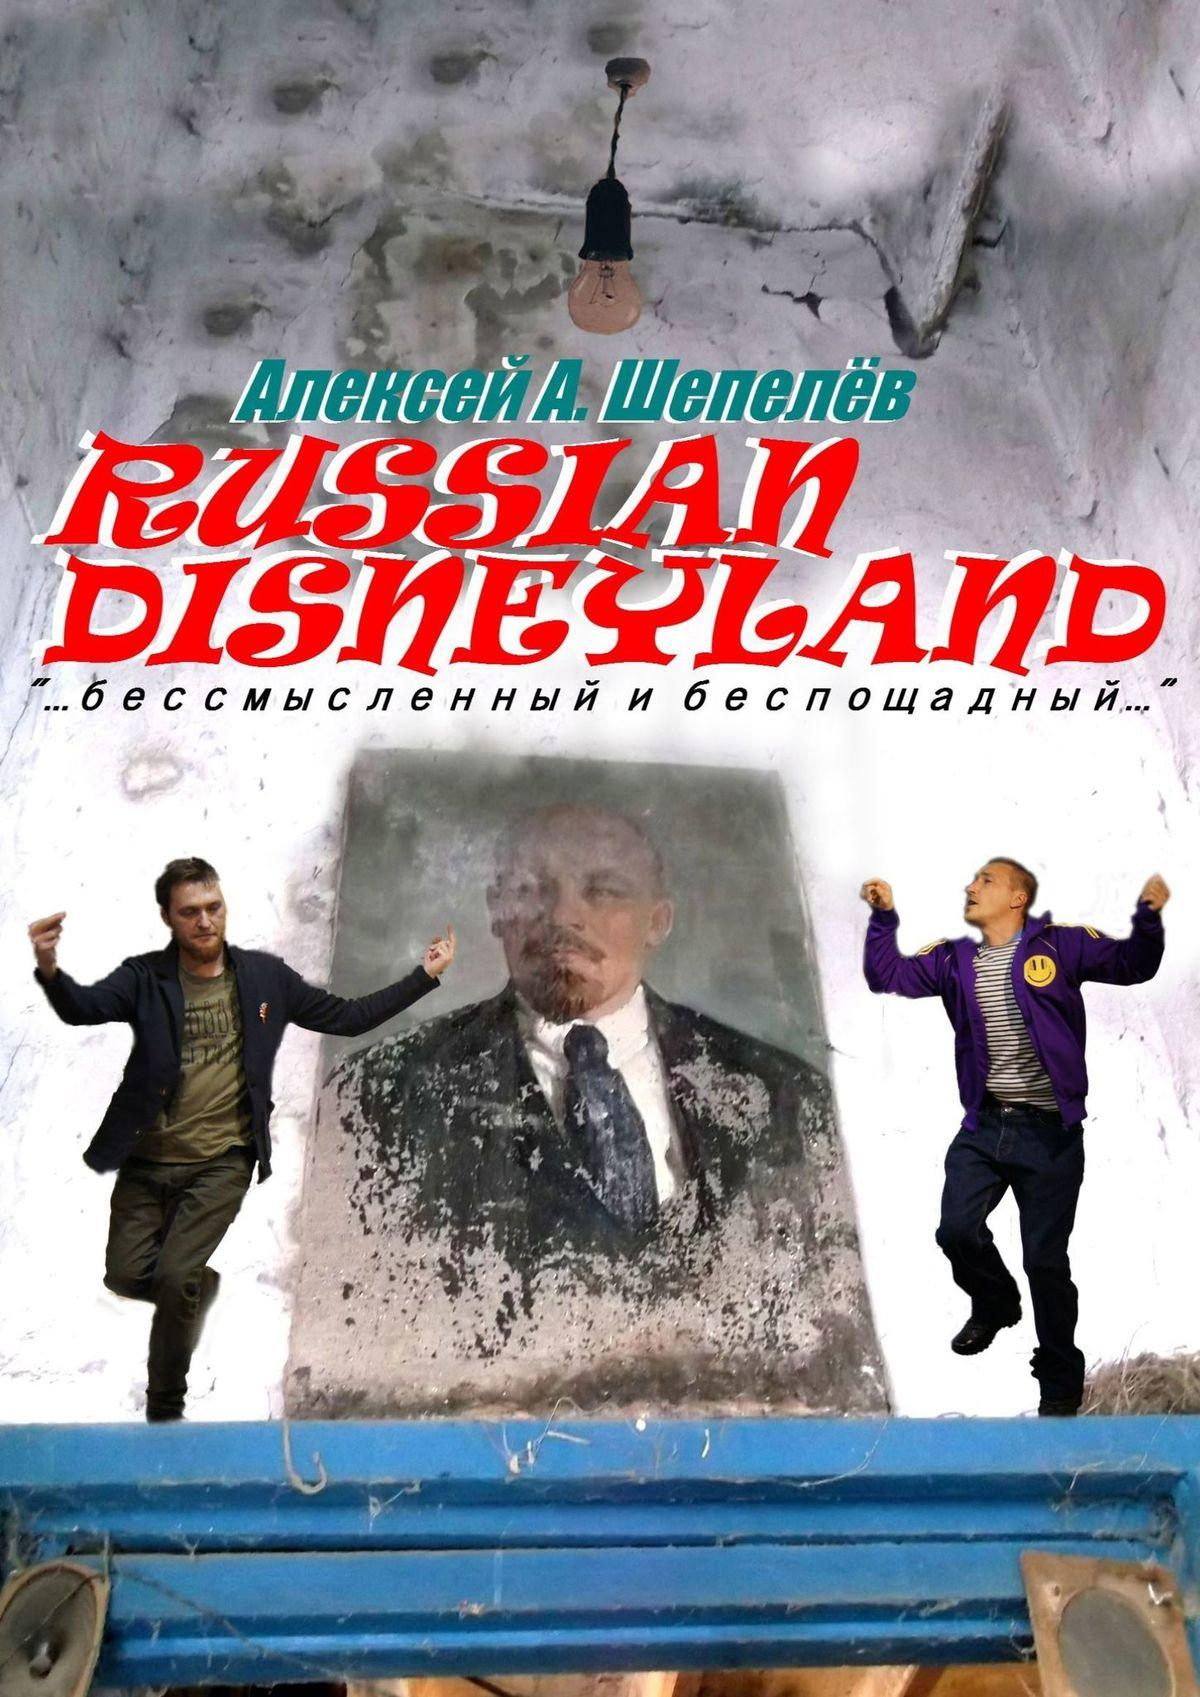 Russian Disneyland. Повесть